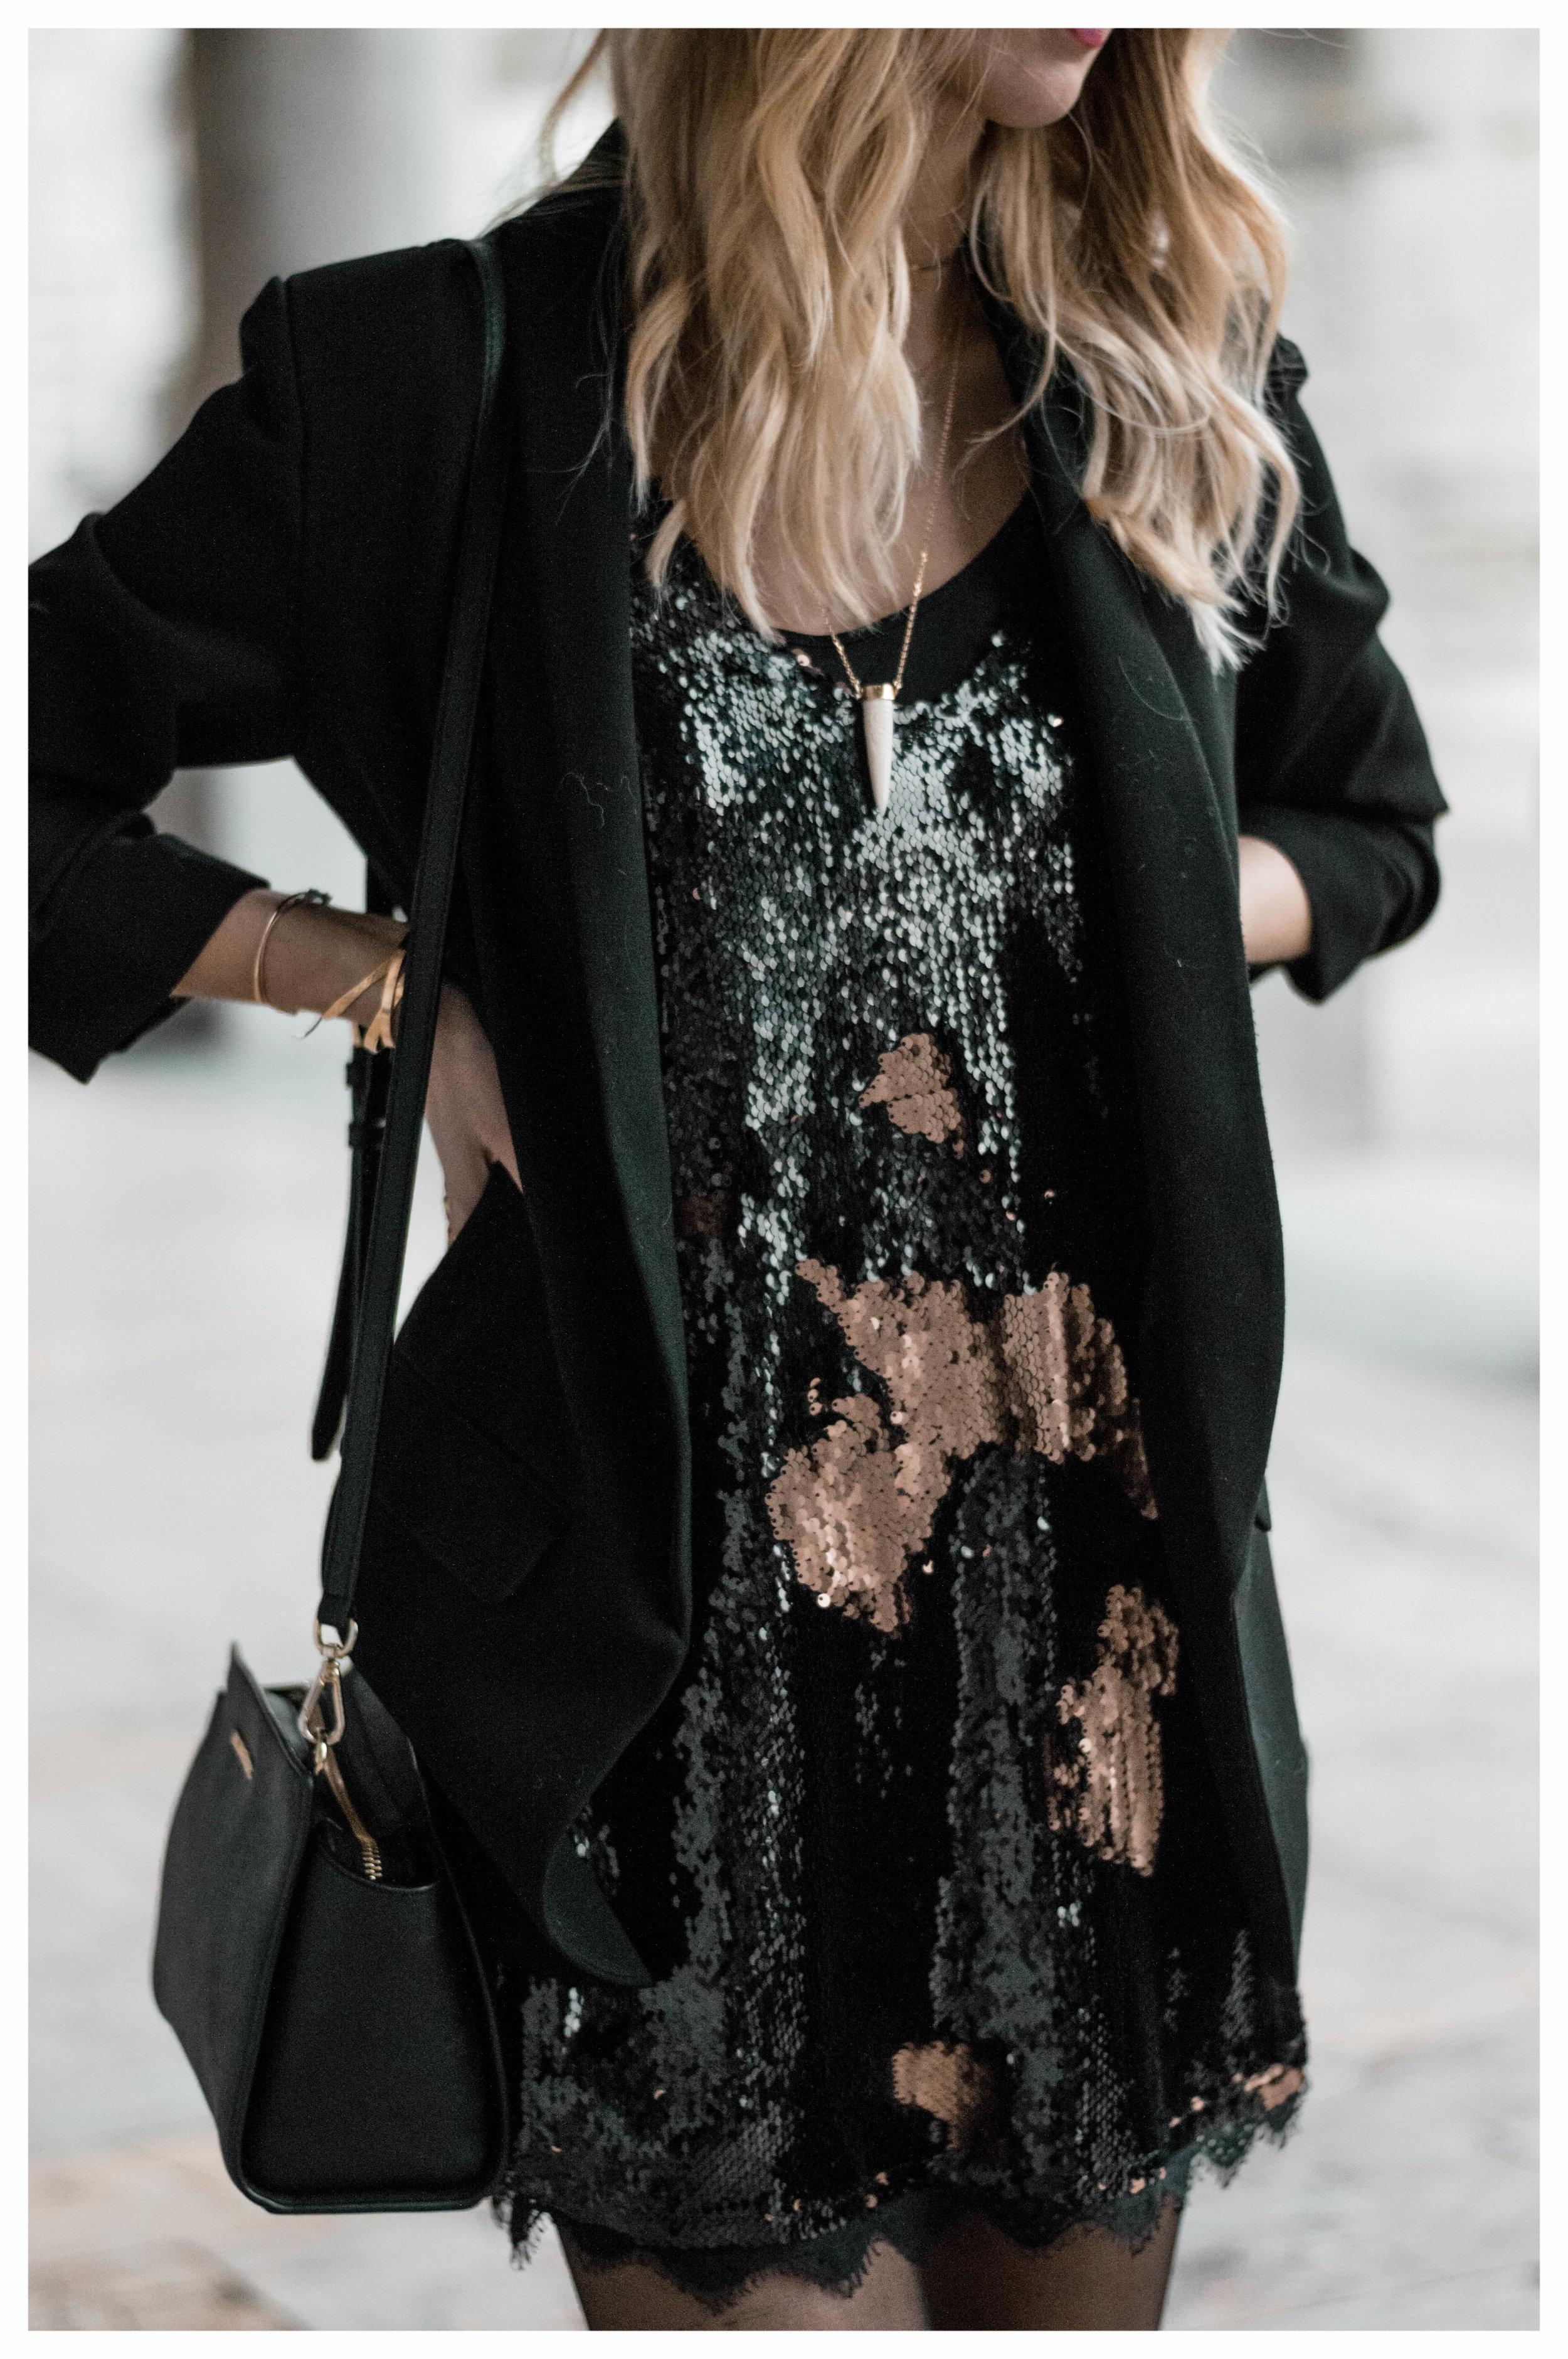 Party Dress Zalando - OSIARAH.COM (16 sur 41).jpg